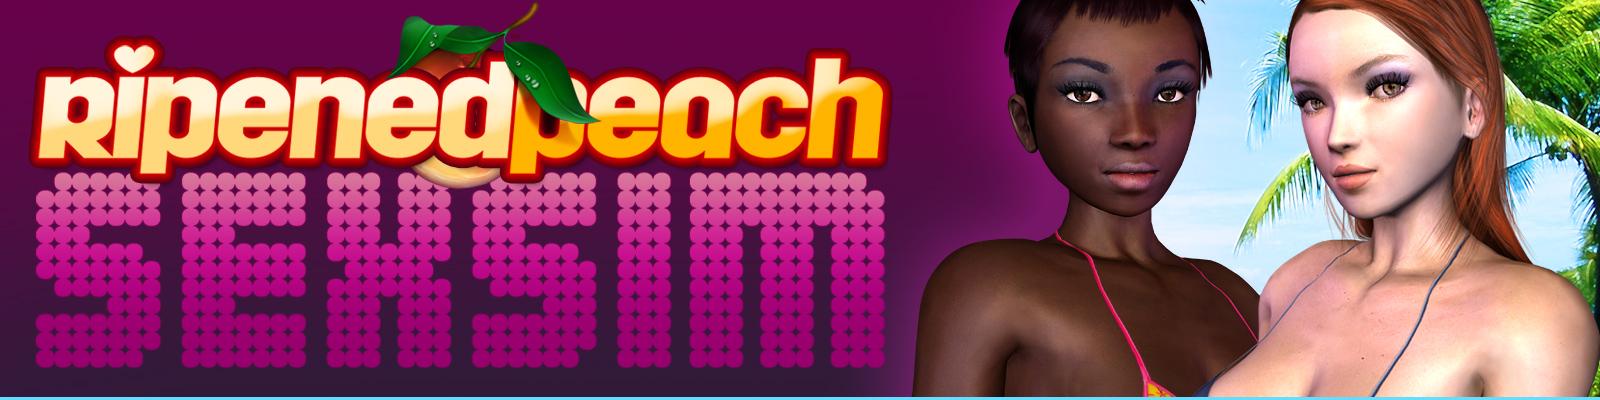 Ripened Peach Sex Sim : The Original!